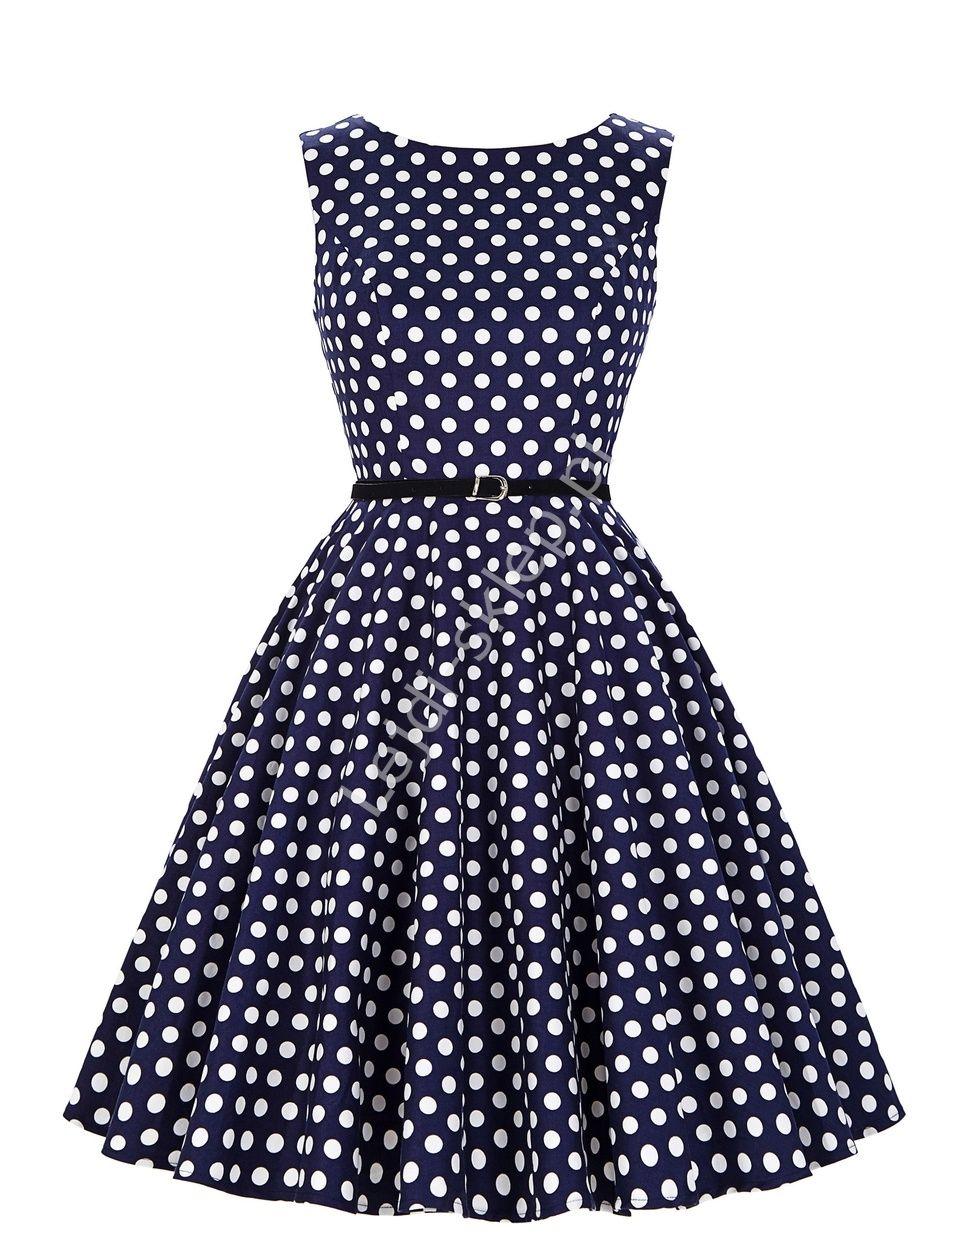 cff5eca4 Sukienka w kropki PLUS SIZE | odzeż dla puszystych , sukienki w ...